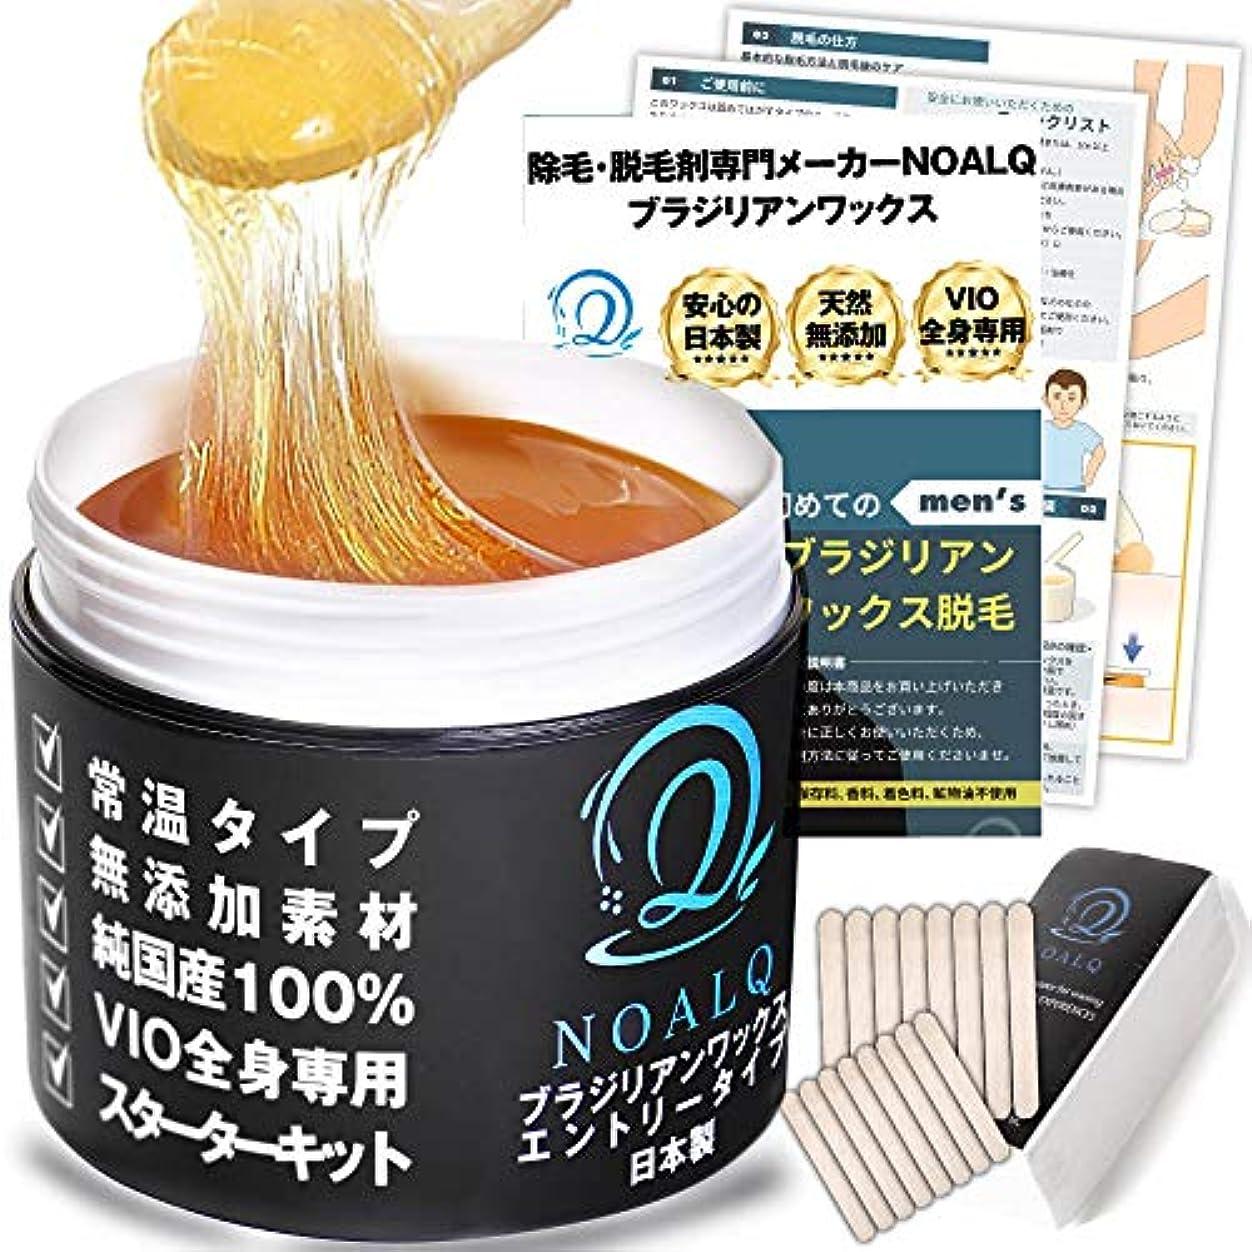 代わりにを立てる補う有効なNOALQ(ノアルク) ブラジリアンワックス エントリータイプ 天然無添加素材 純国産100% VIO 全身脱毛専用 スターターキット